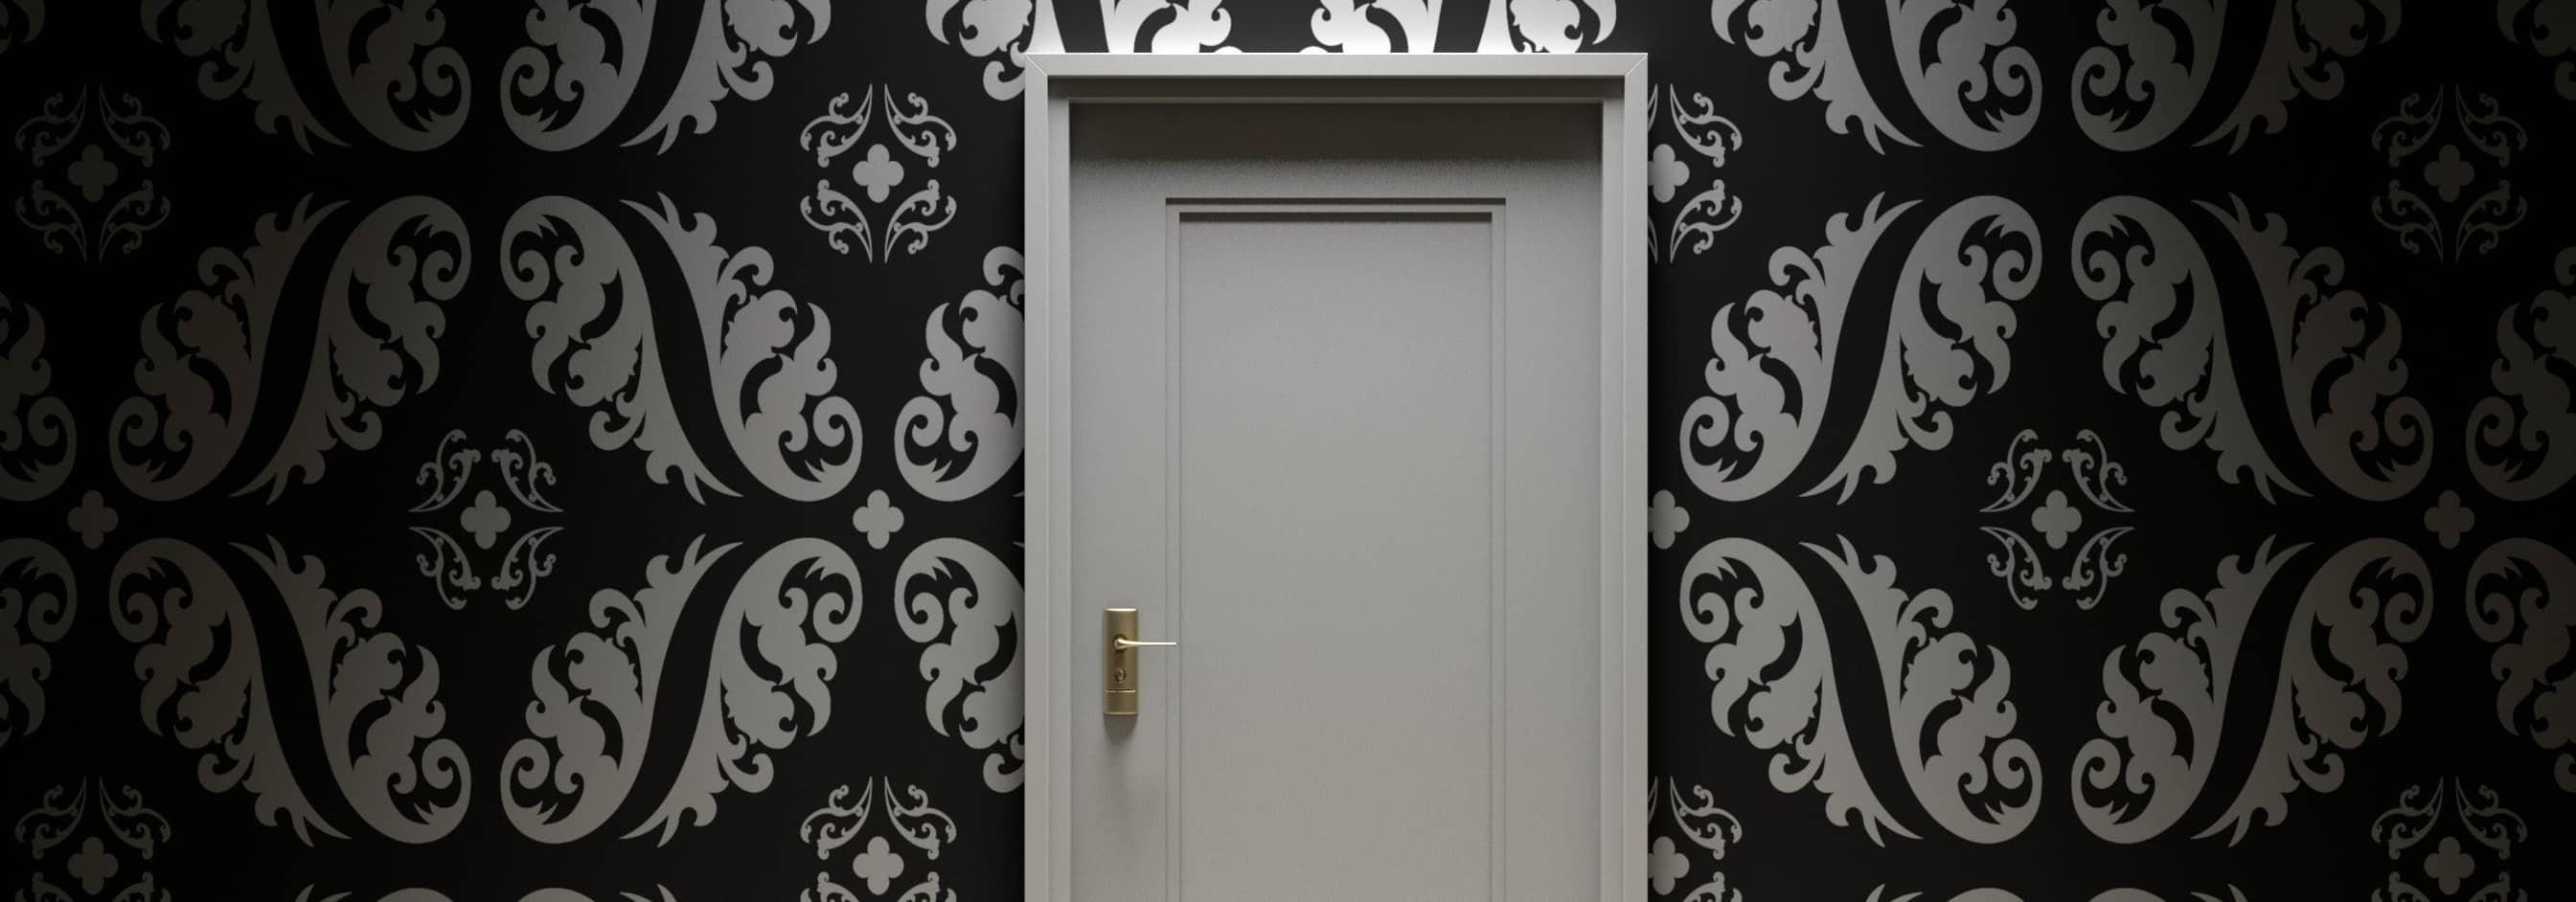 דלתות חוץ מכירה והתקנה